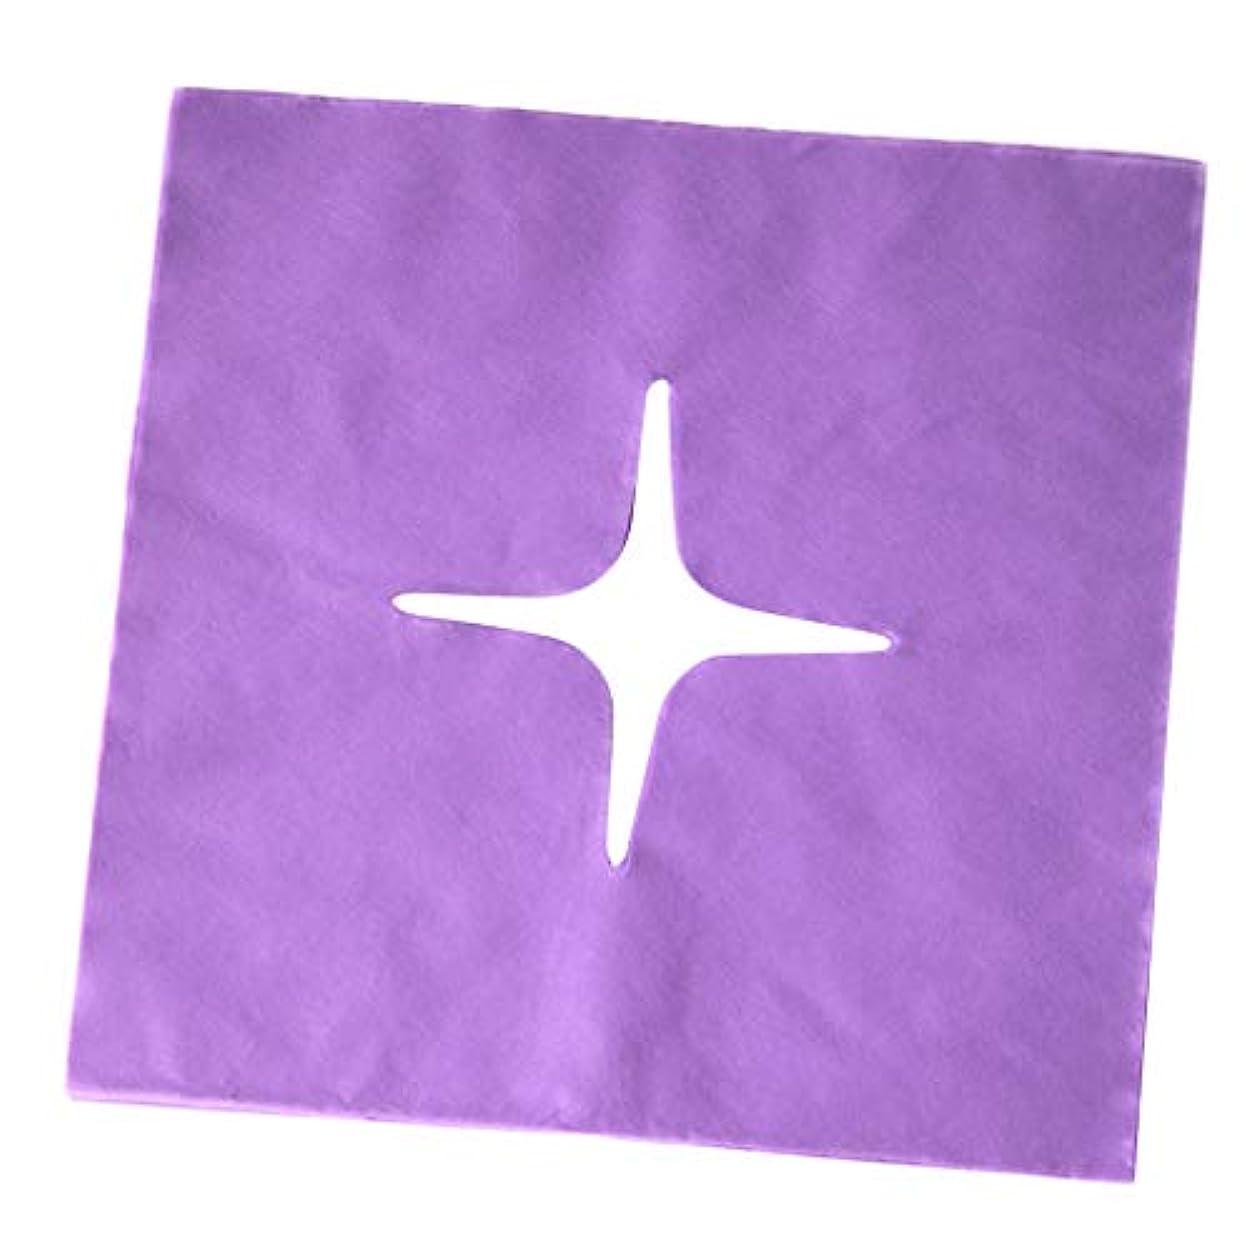 肉何ペストリーchiwanji マッサージ フェイスクレードルカバー スパ用 美容院 ビューティーサロン マッサージサロン 全3色 - 紫の